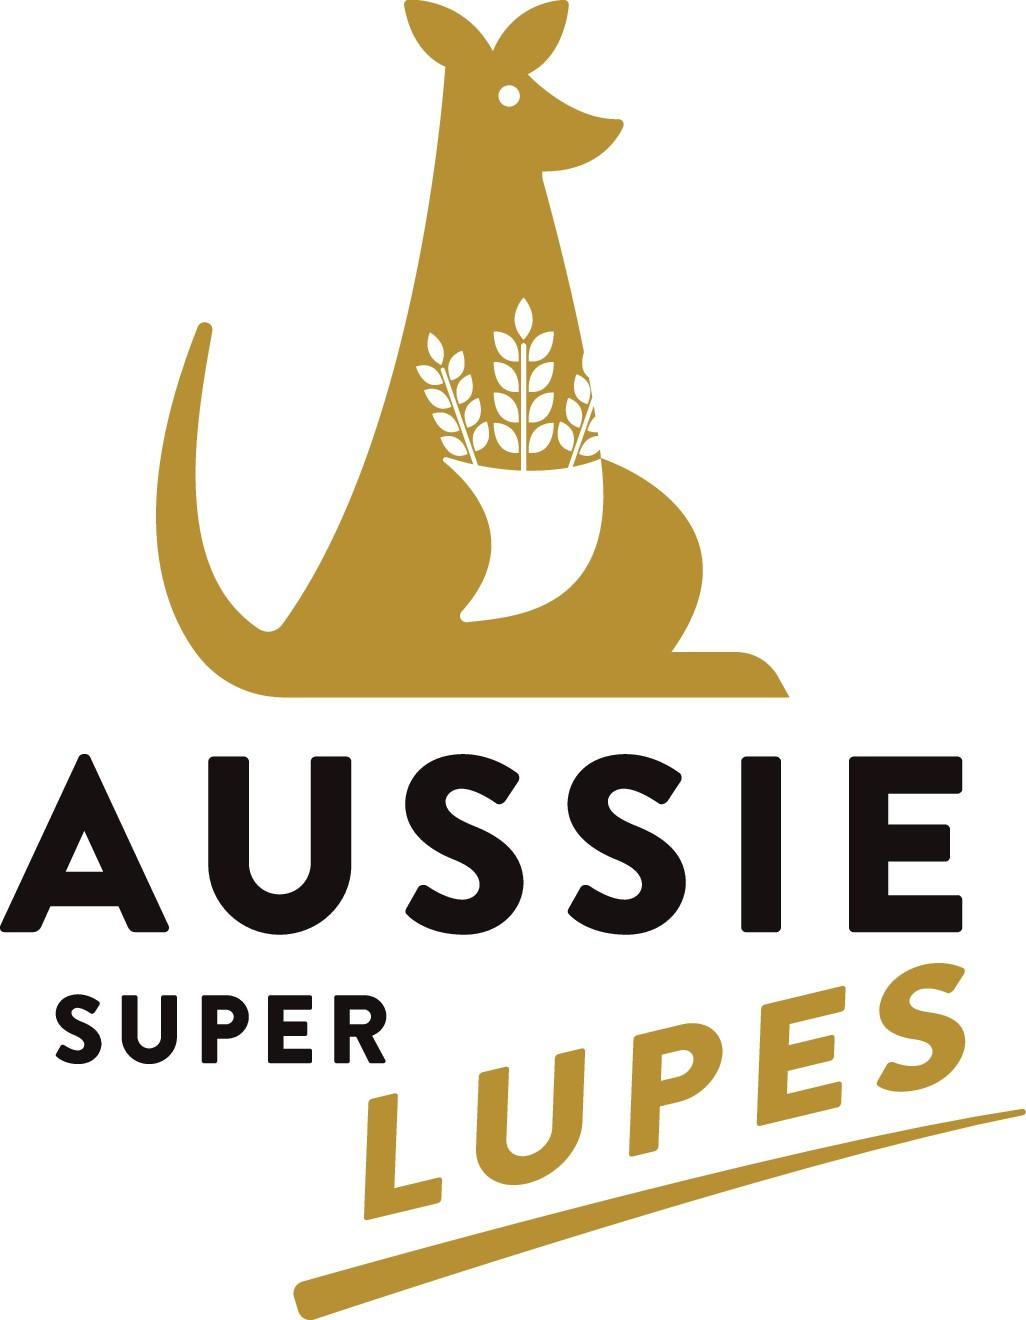 Further development of Aussie Super Grain